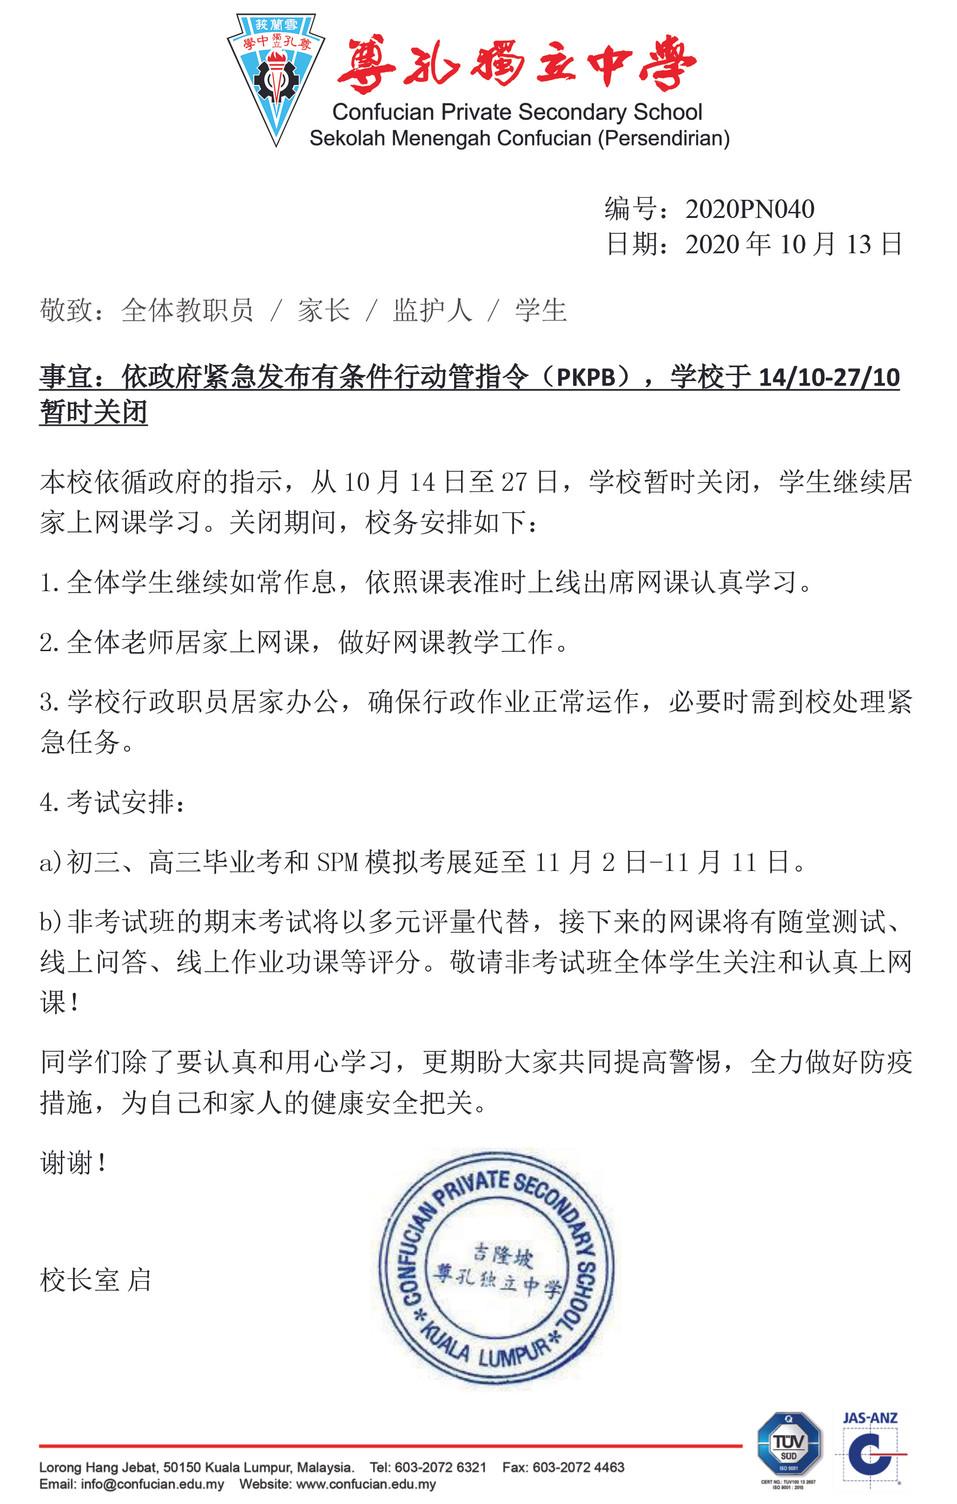 [校长室通告]学校于10月14日至27日关闭